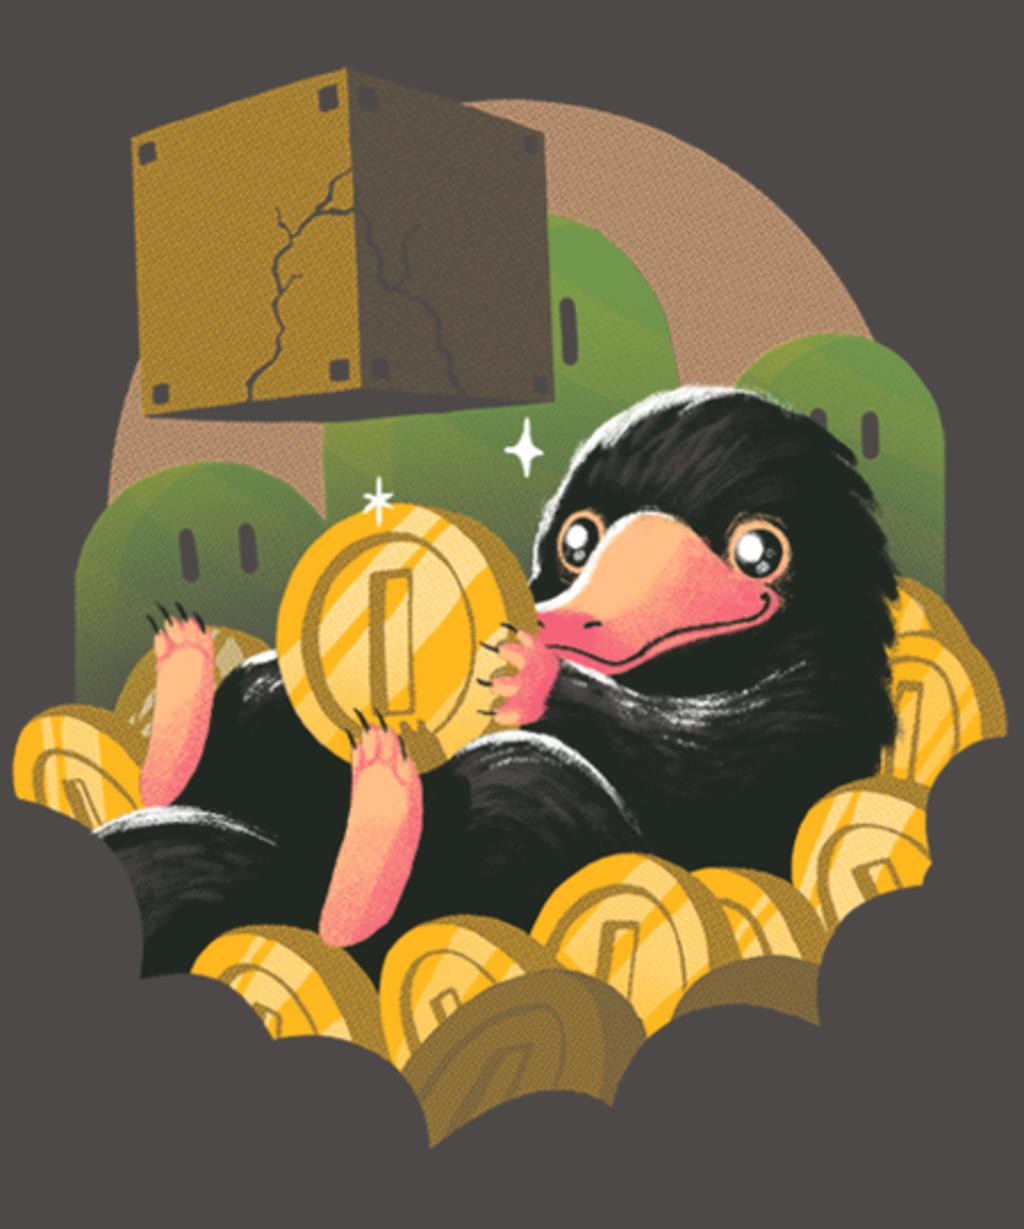 Qwertee: Coins